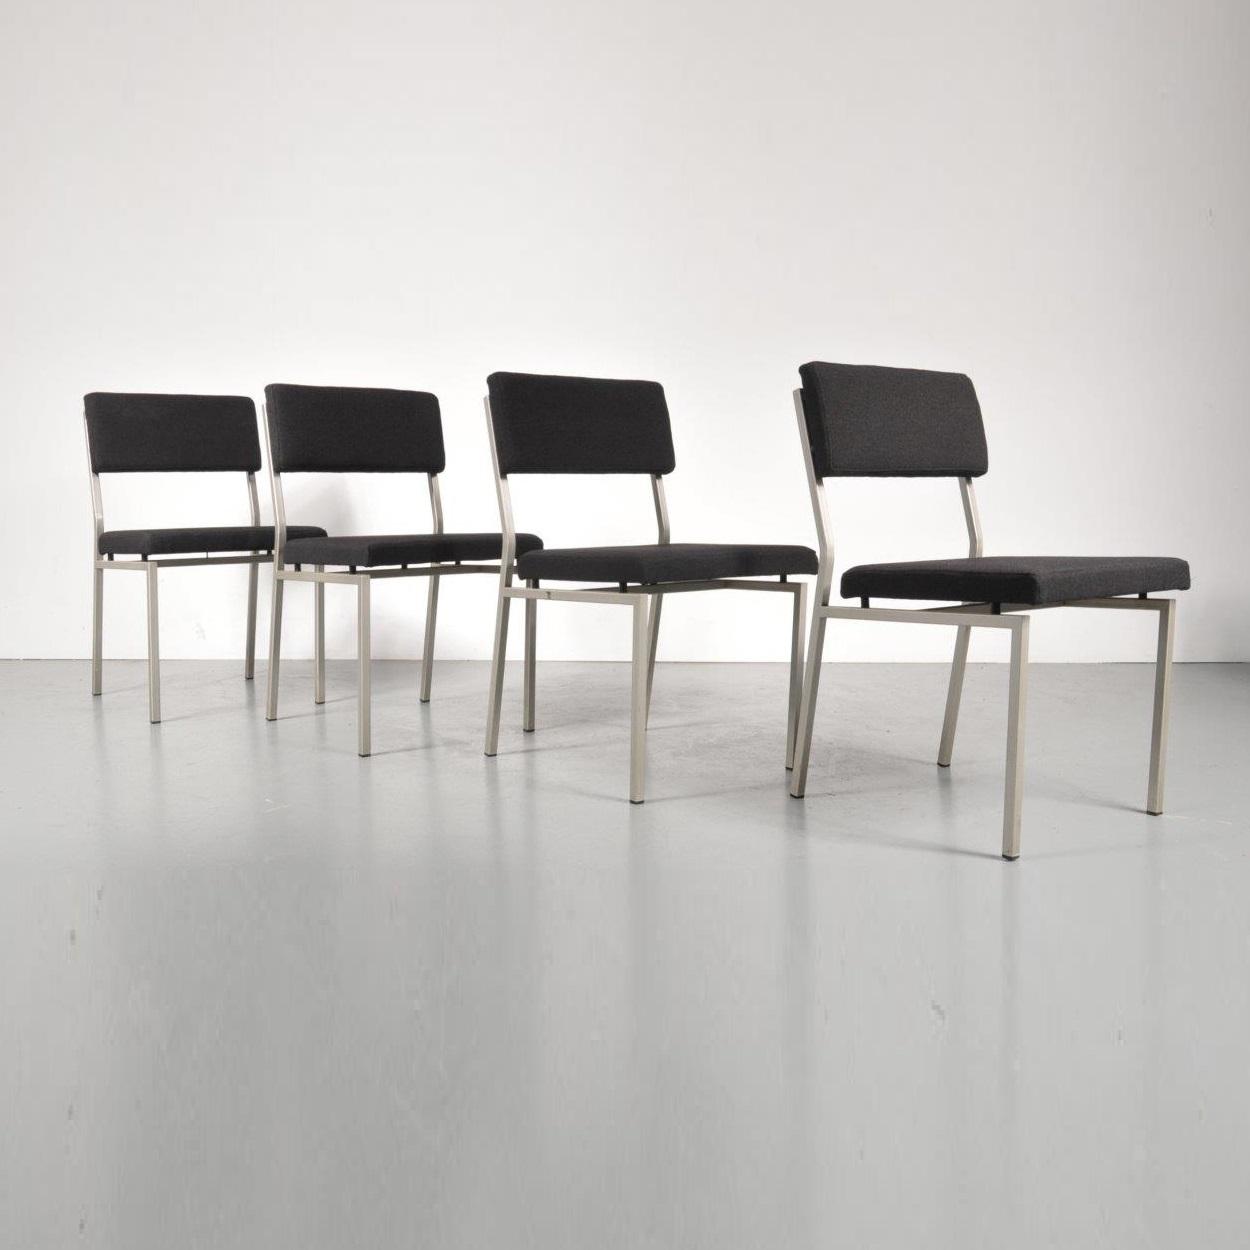 1960s Minimalist Dutch design dining chairs by Martin Visser for Spectrum, Netherlands